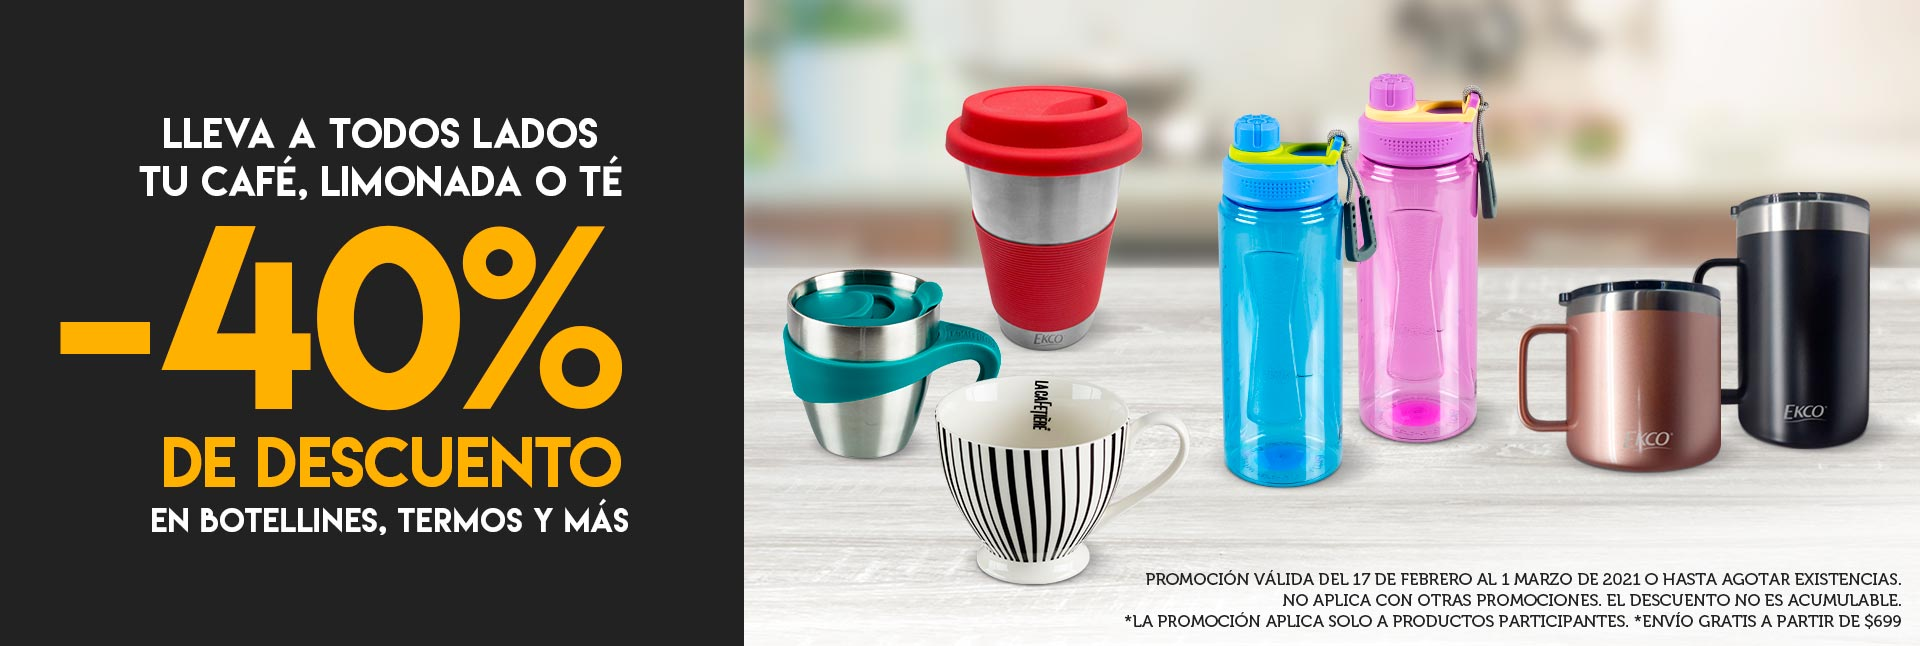 Lleva a todos lados tu café, limonada o té -40% De descuento en botellines, termos y más